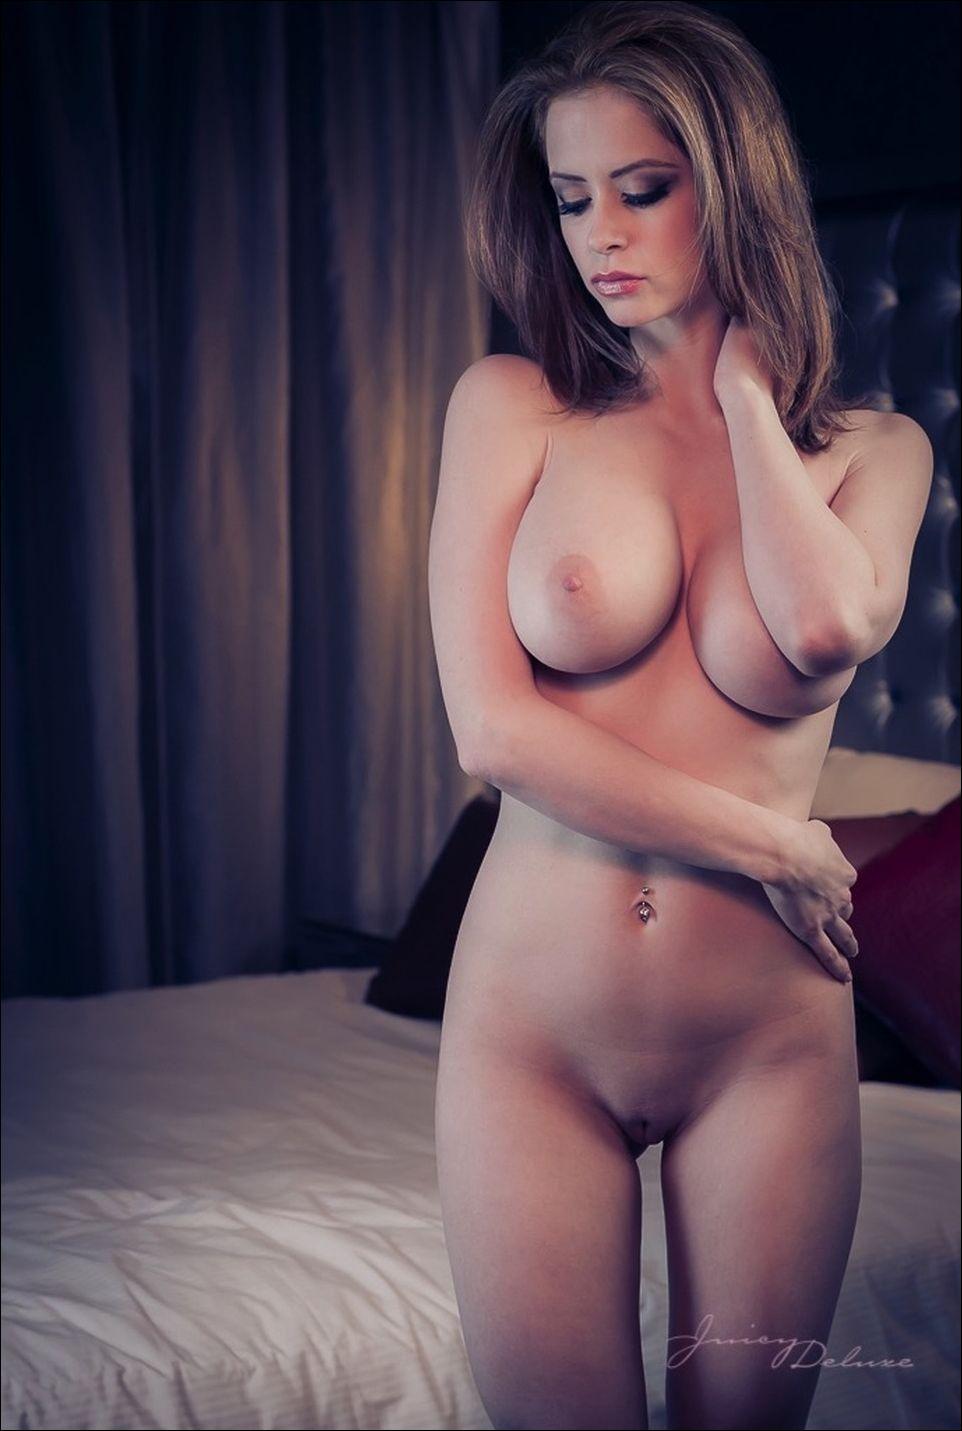 Самые красивые девушки мира с самой красивой грудью 26 фотография